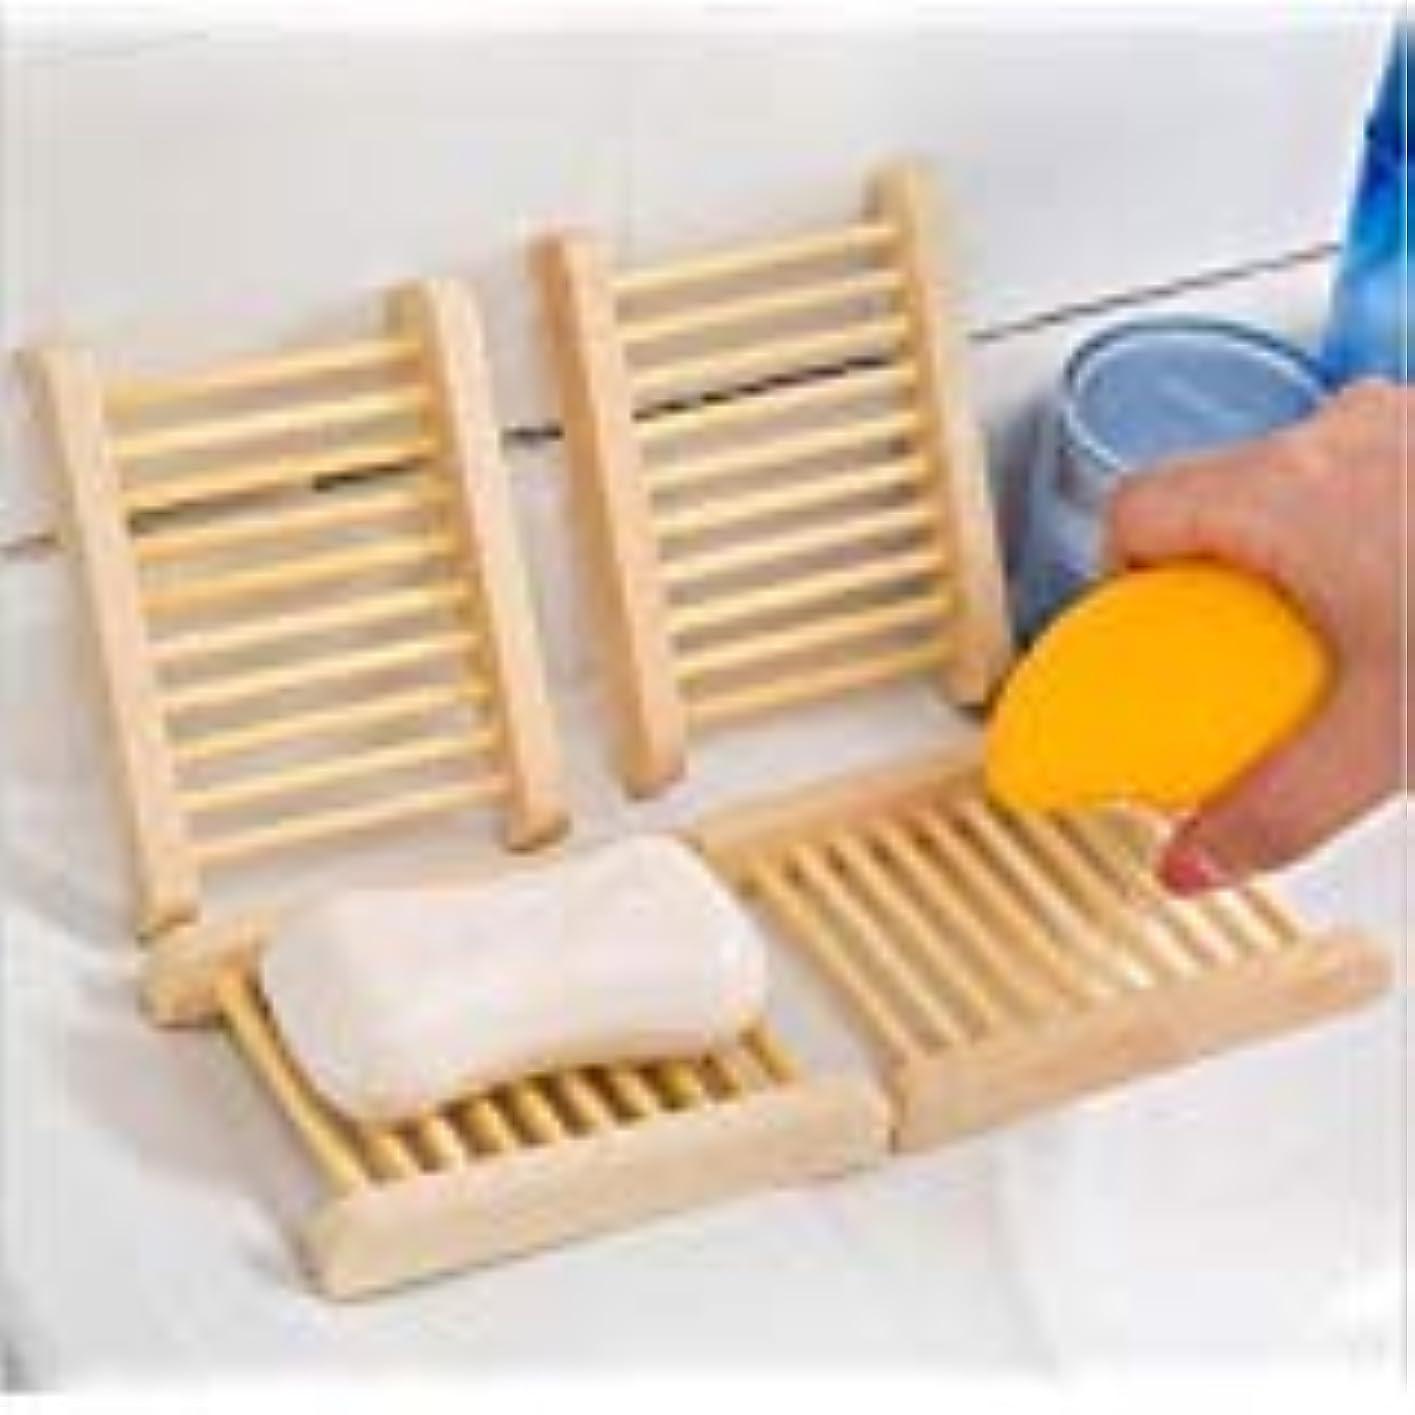 喜劇違反暫定のKINGZUO ソープトレー せっけんトレー 石鹸置き石鹸置き 石鹸ボックス ソープディッシュ 水切り お風呂 バス用品 木製 4個入り